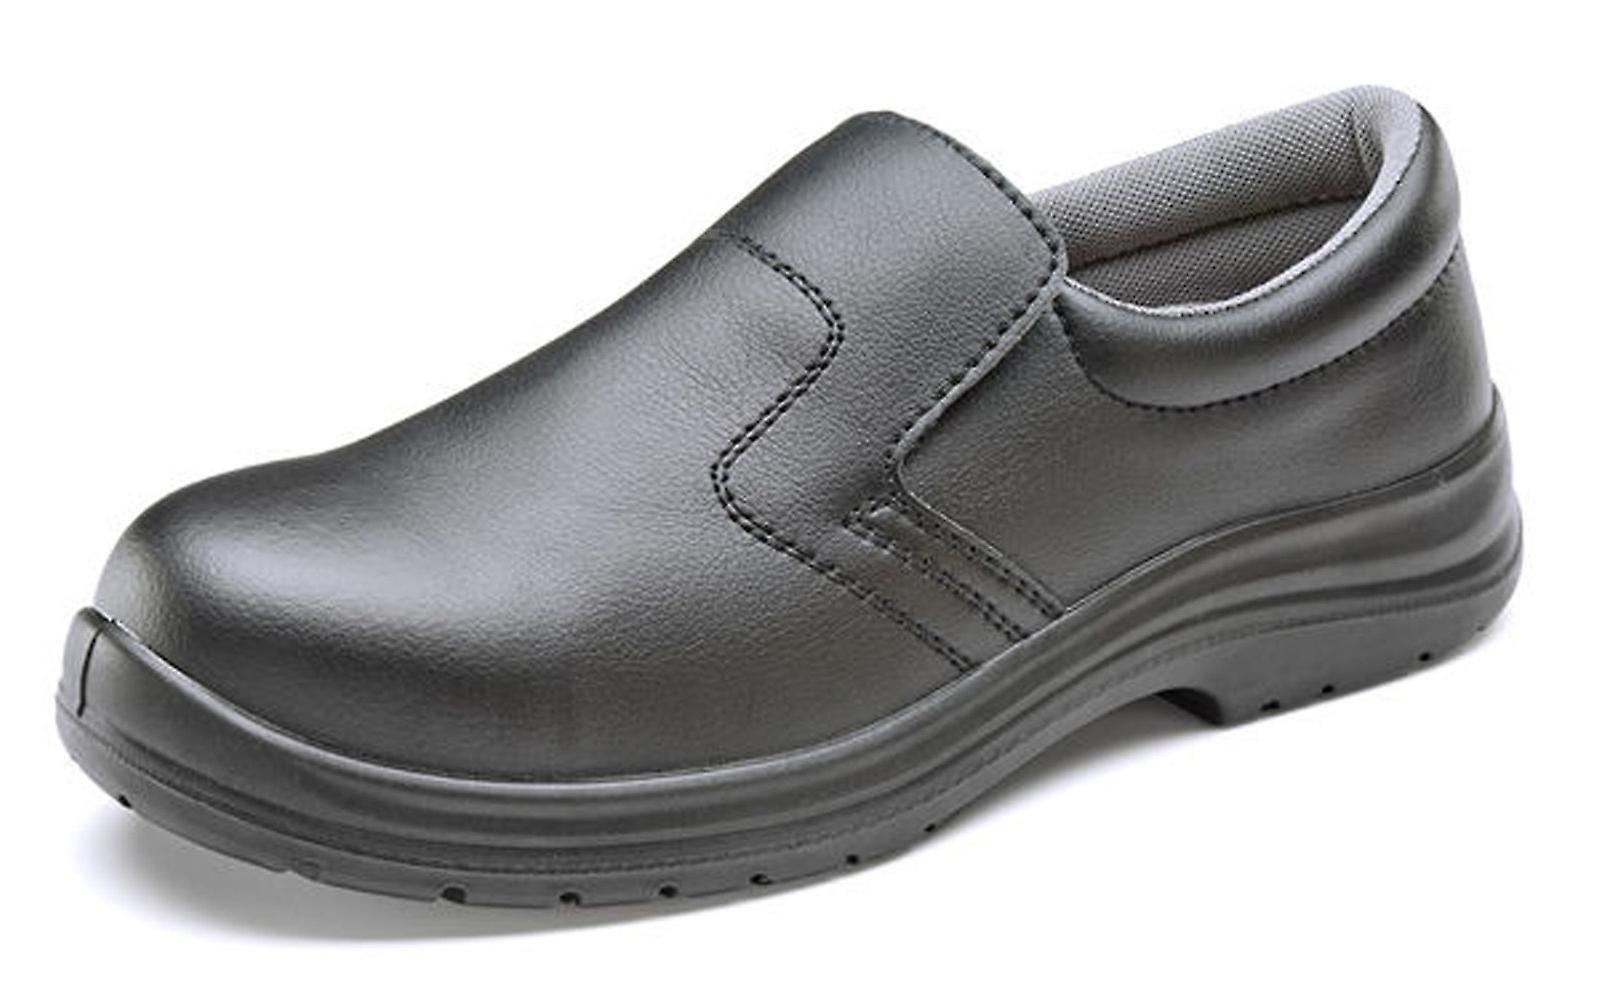 fai fai fai clic su micro fibra scivolare sulla sicurezza di scarpa.nero.s2 -cf833   Discount    I Clienti Prima    Acquisto    Gentiluomo/Signora Scarpa    Uomo/Donna Scarpa    Scolaro/Signora Scarpa  4bf0ce